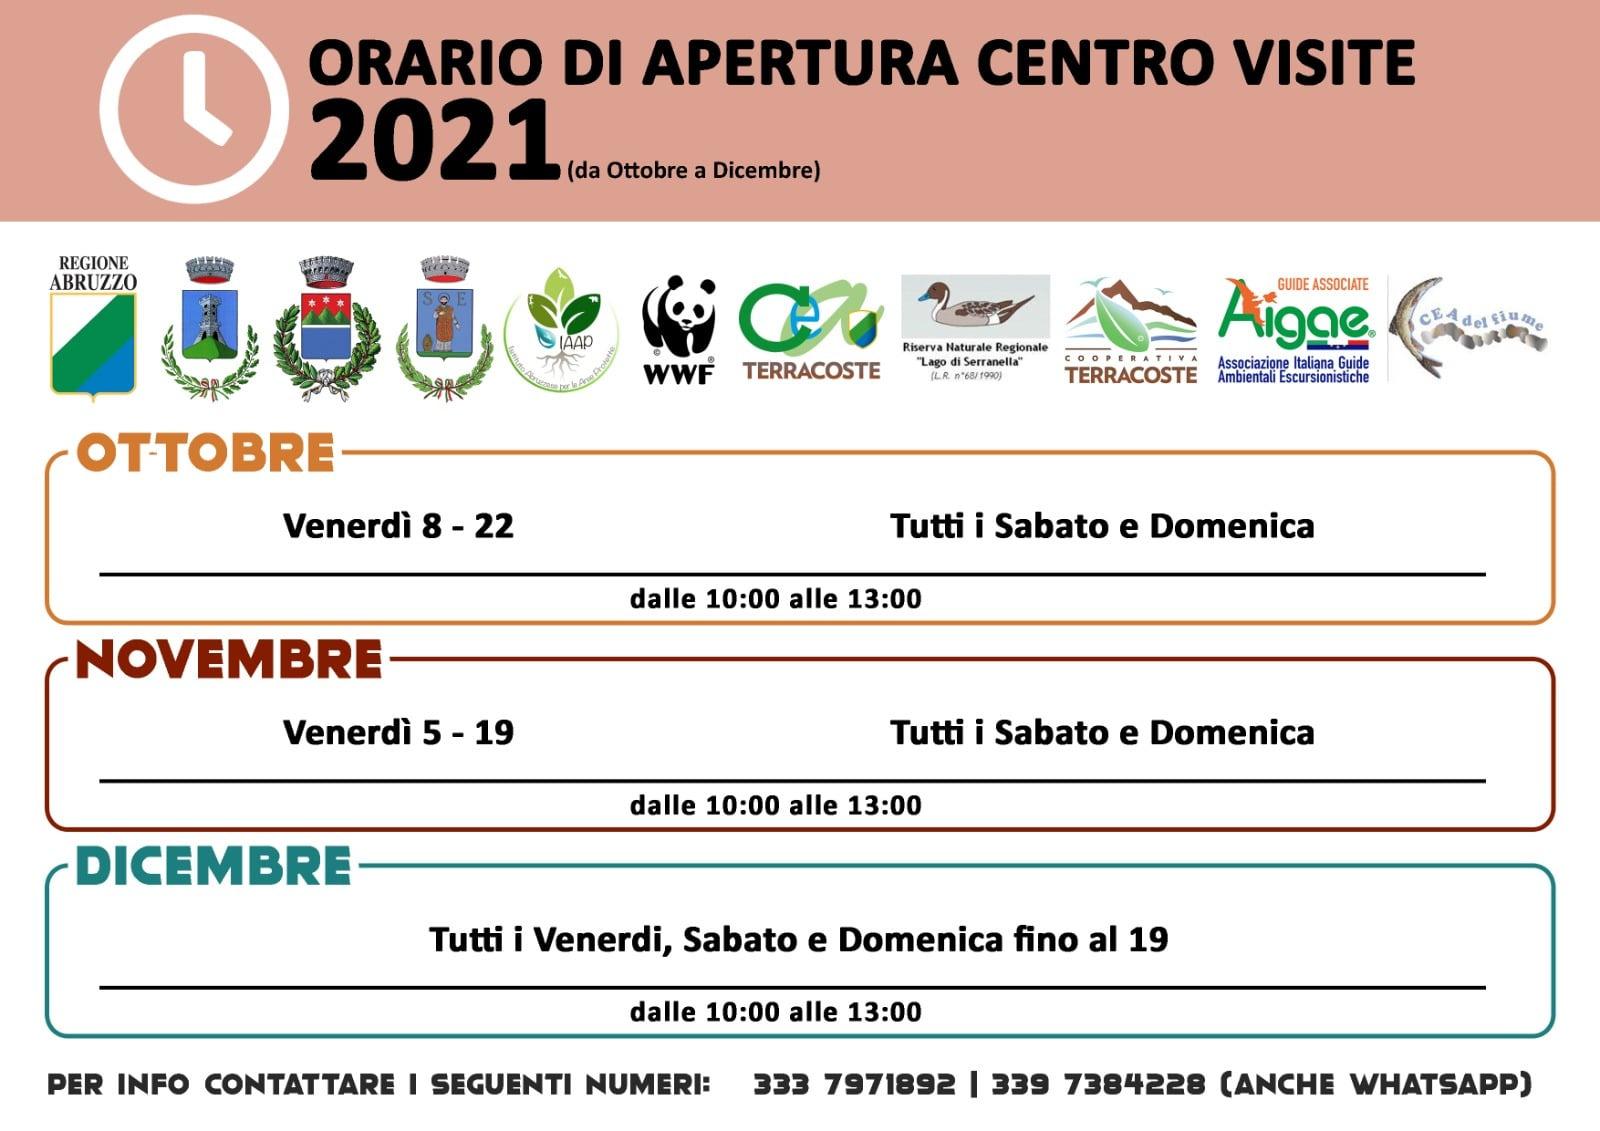 Orari di aperture centro visite Oasi Serranella Ottobre-Dicembre 2021